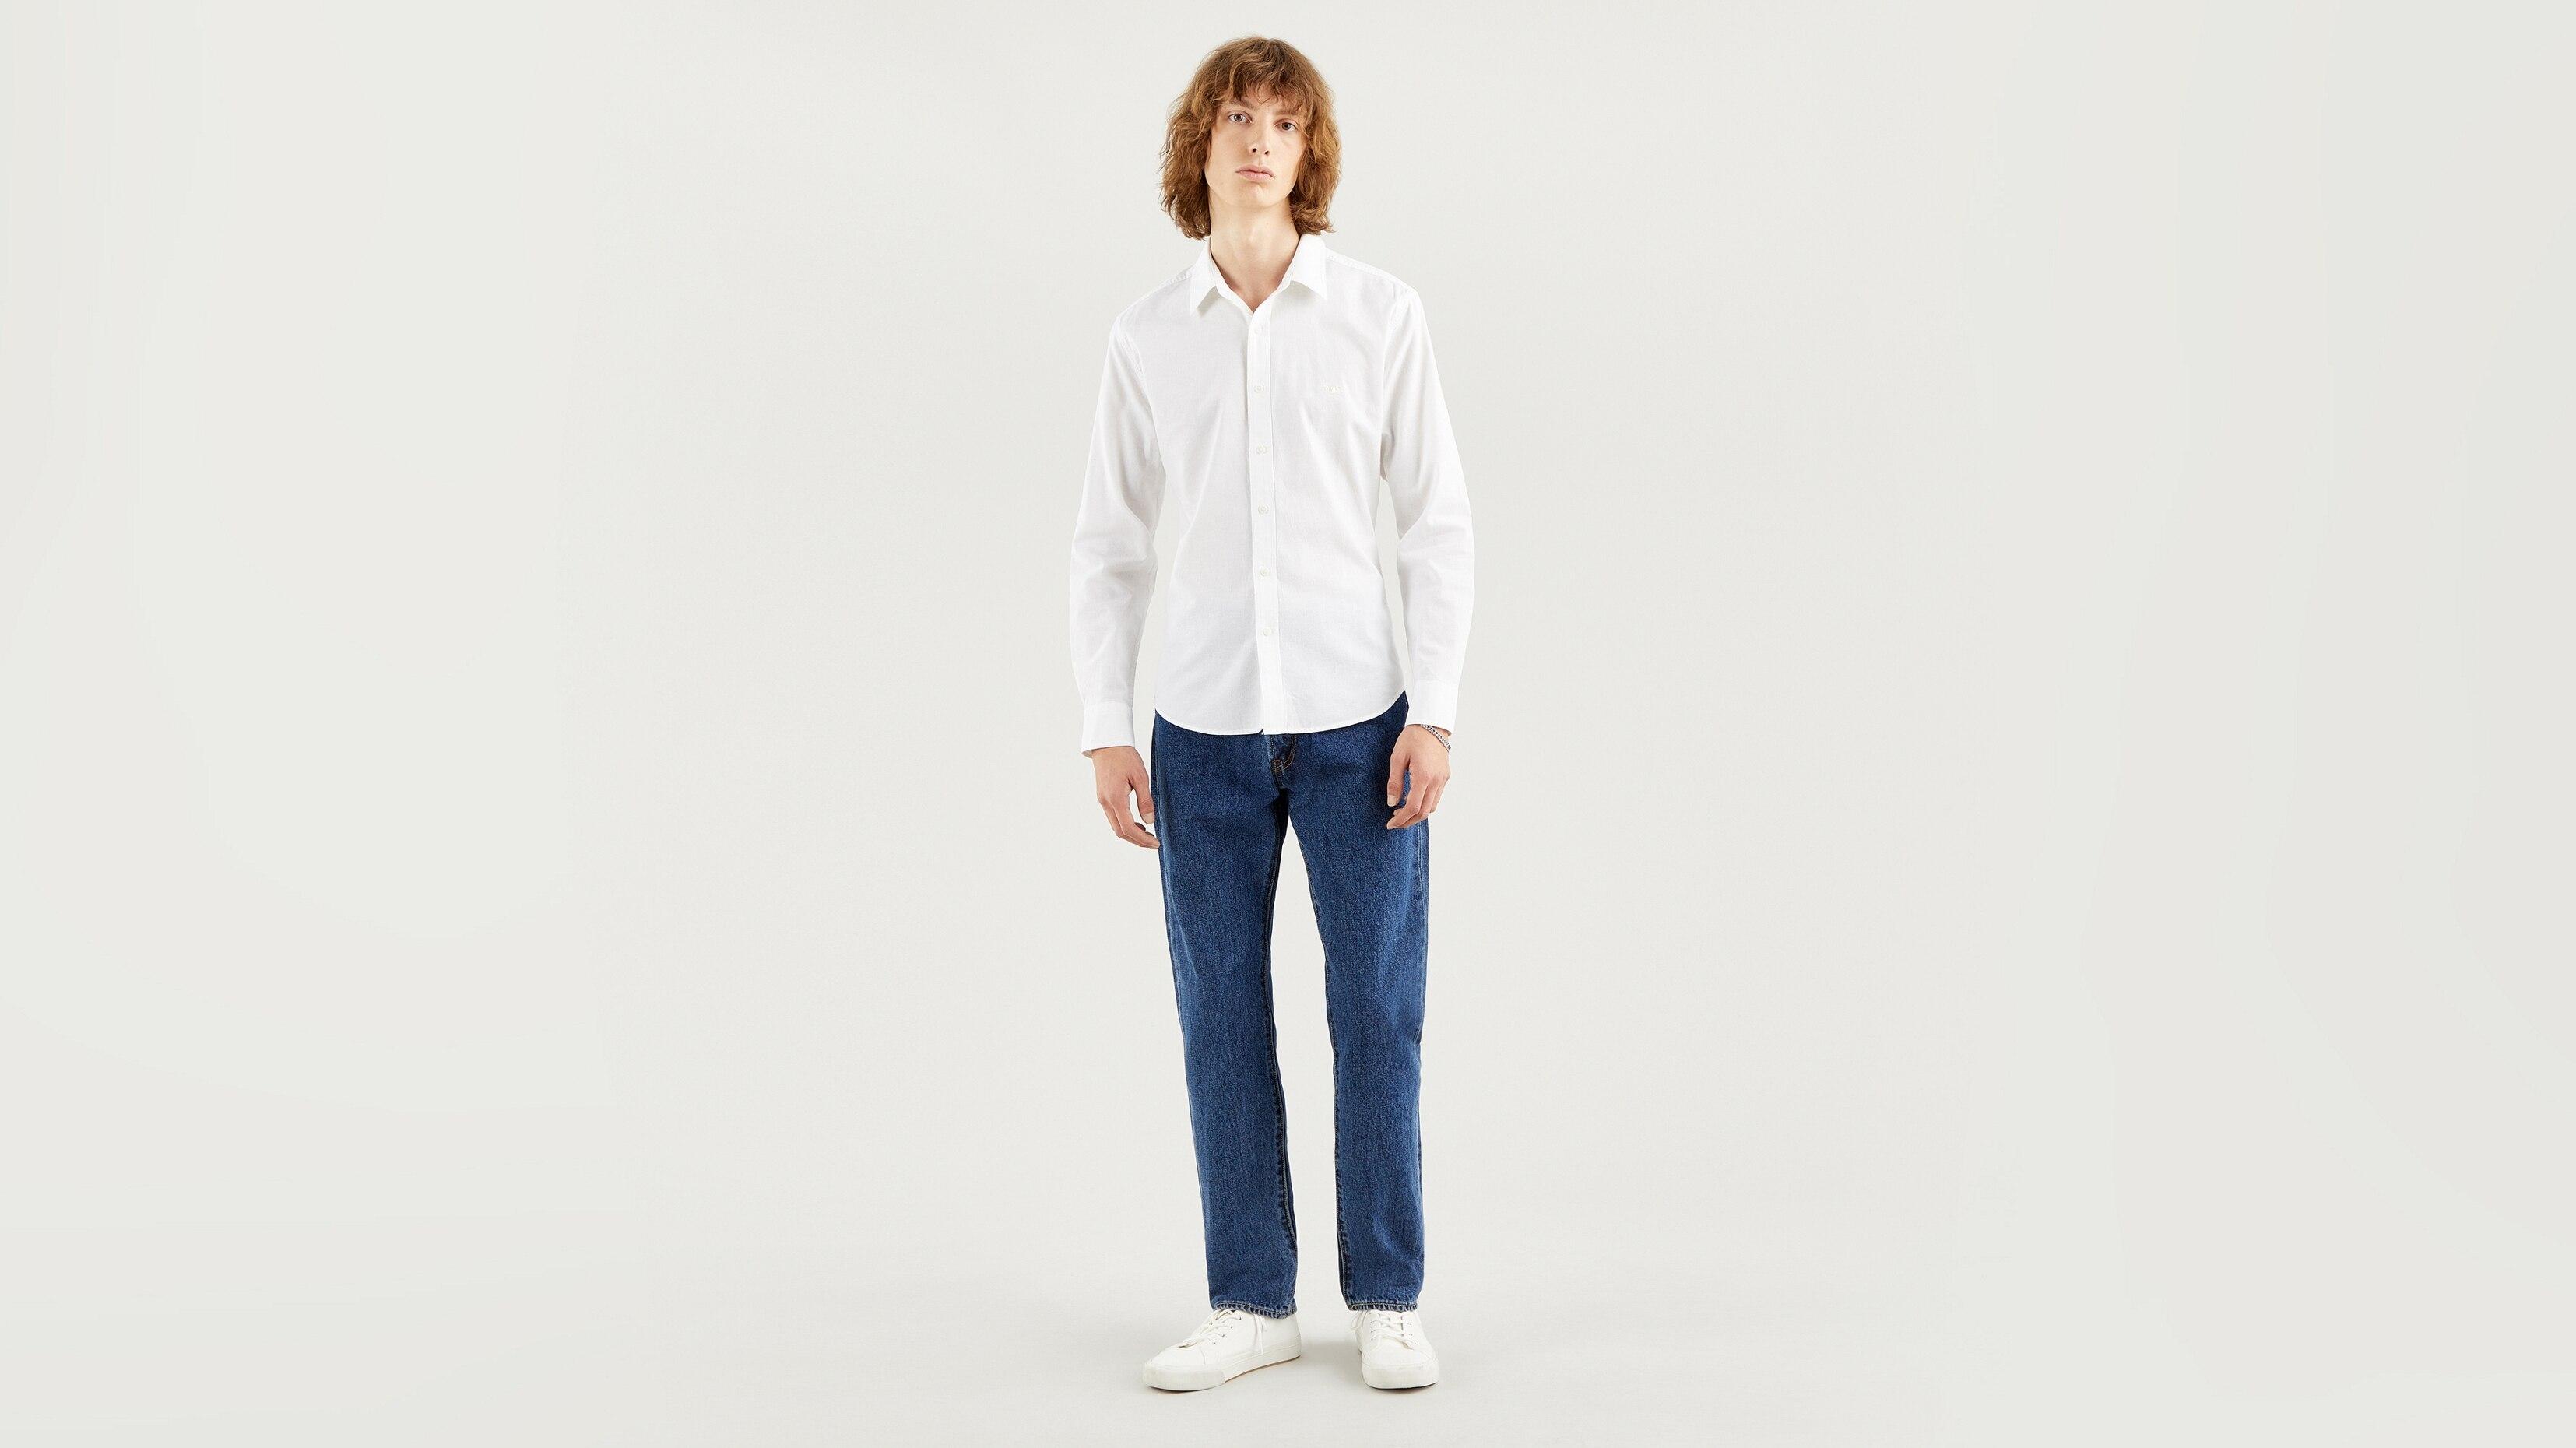 Рубашка мужская Levi's 86625-0002 белая XL